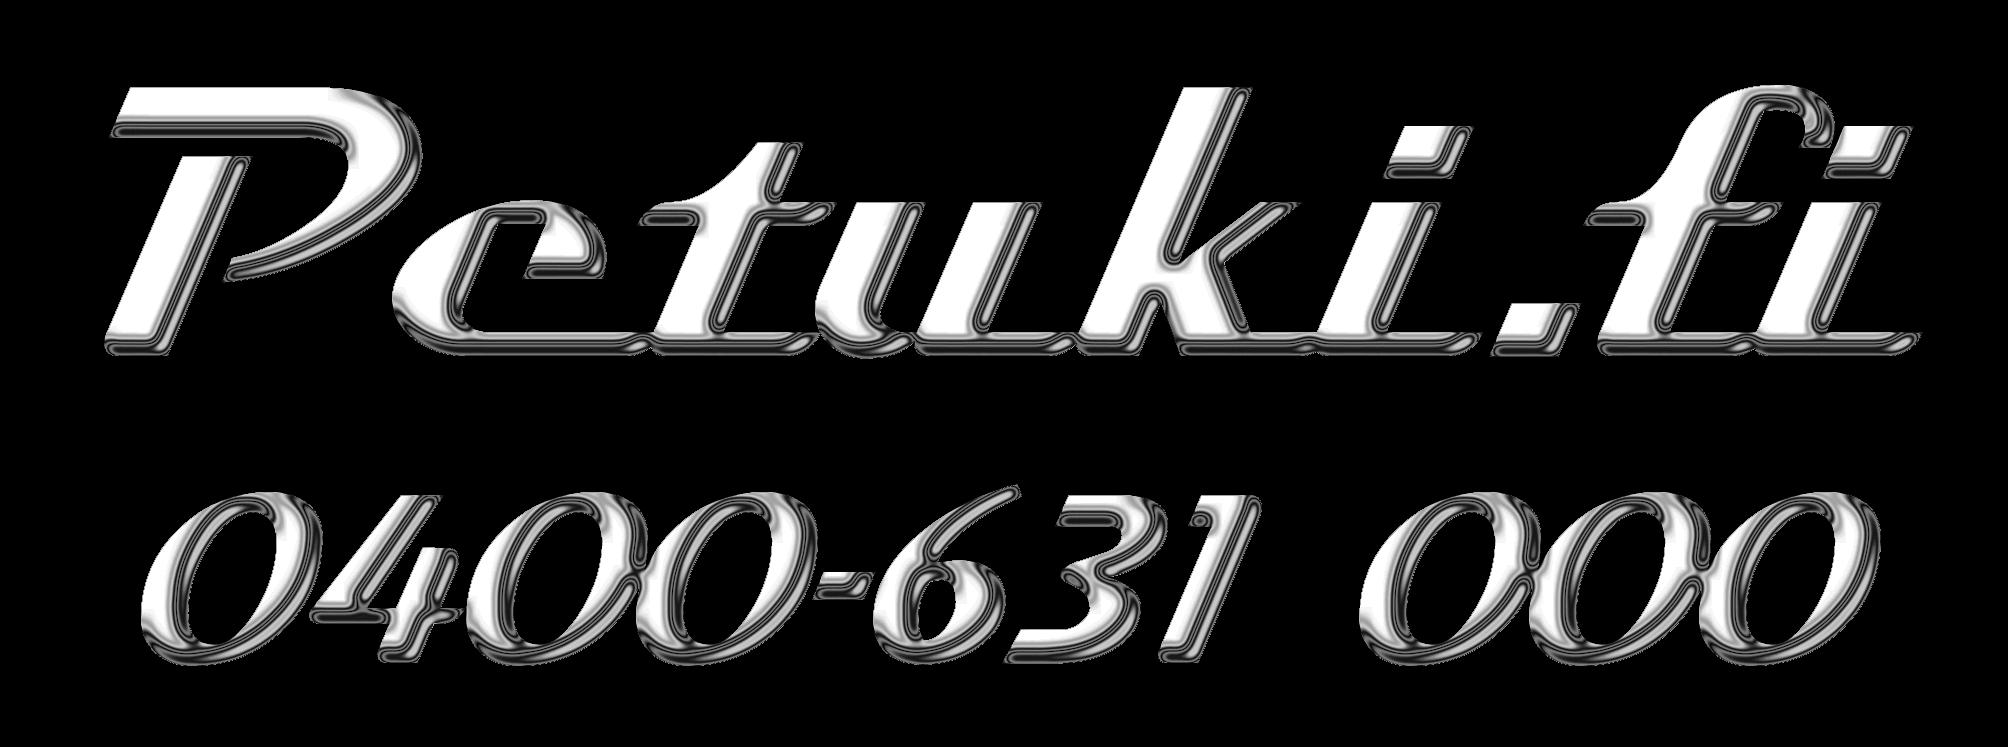 Pctuki.fi 0400-631000